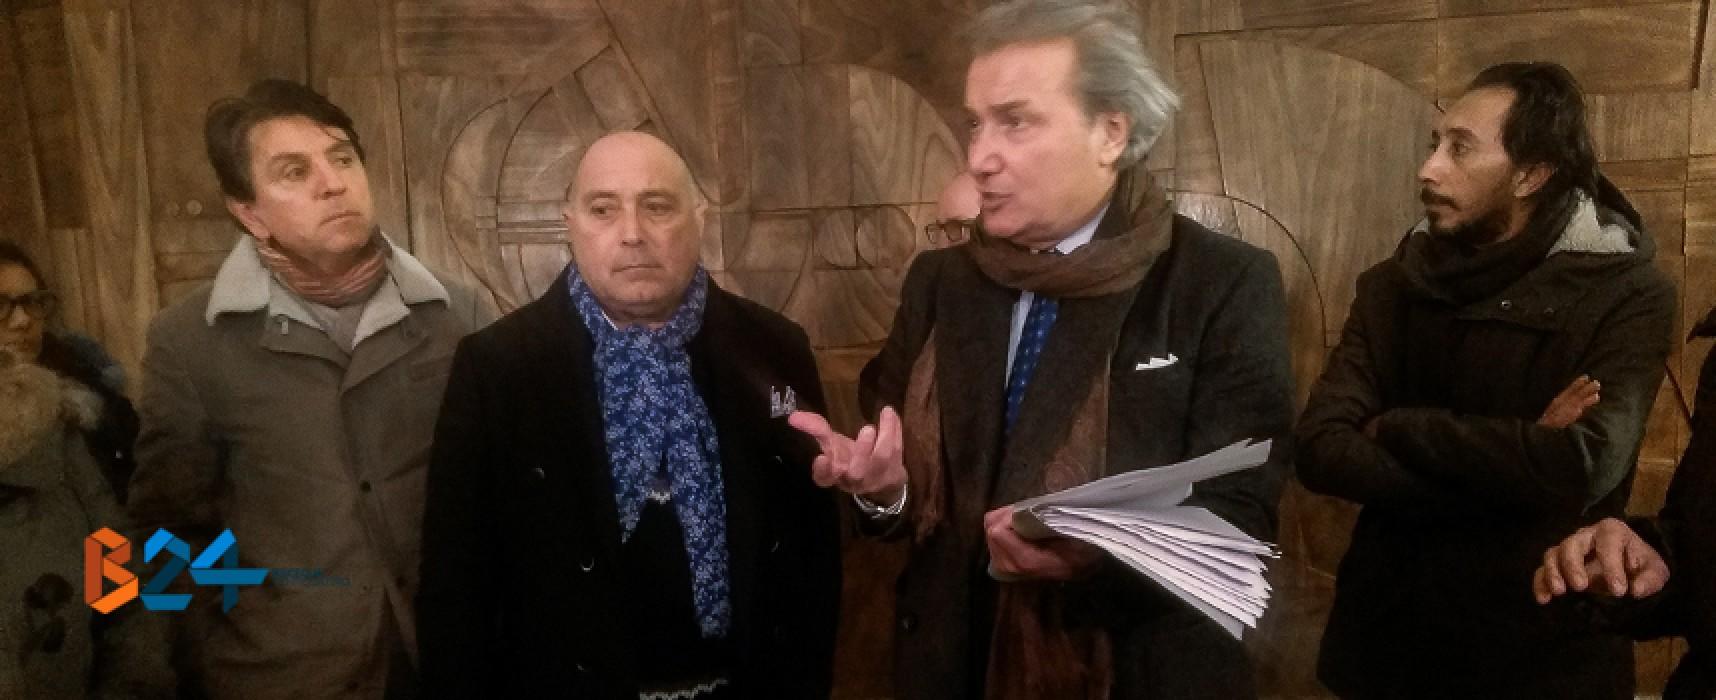 """L'Usppi difende Spina: """"Tentò di salvaguardare dipendenti. Oggi vile resoconto giustizialista"""""""